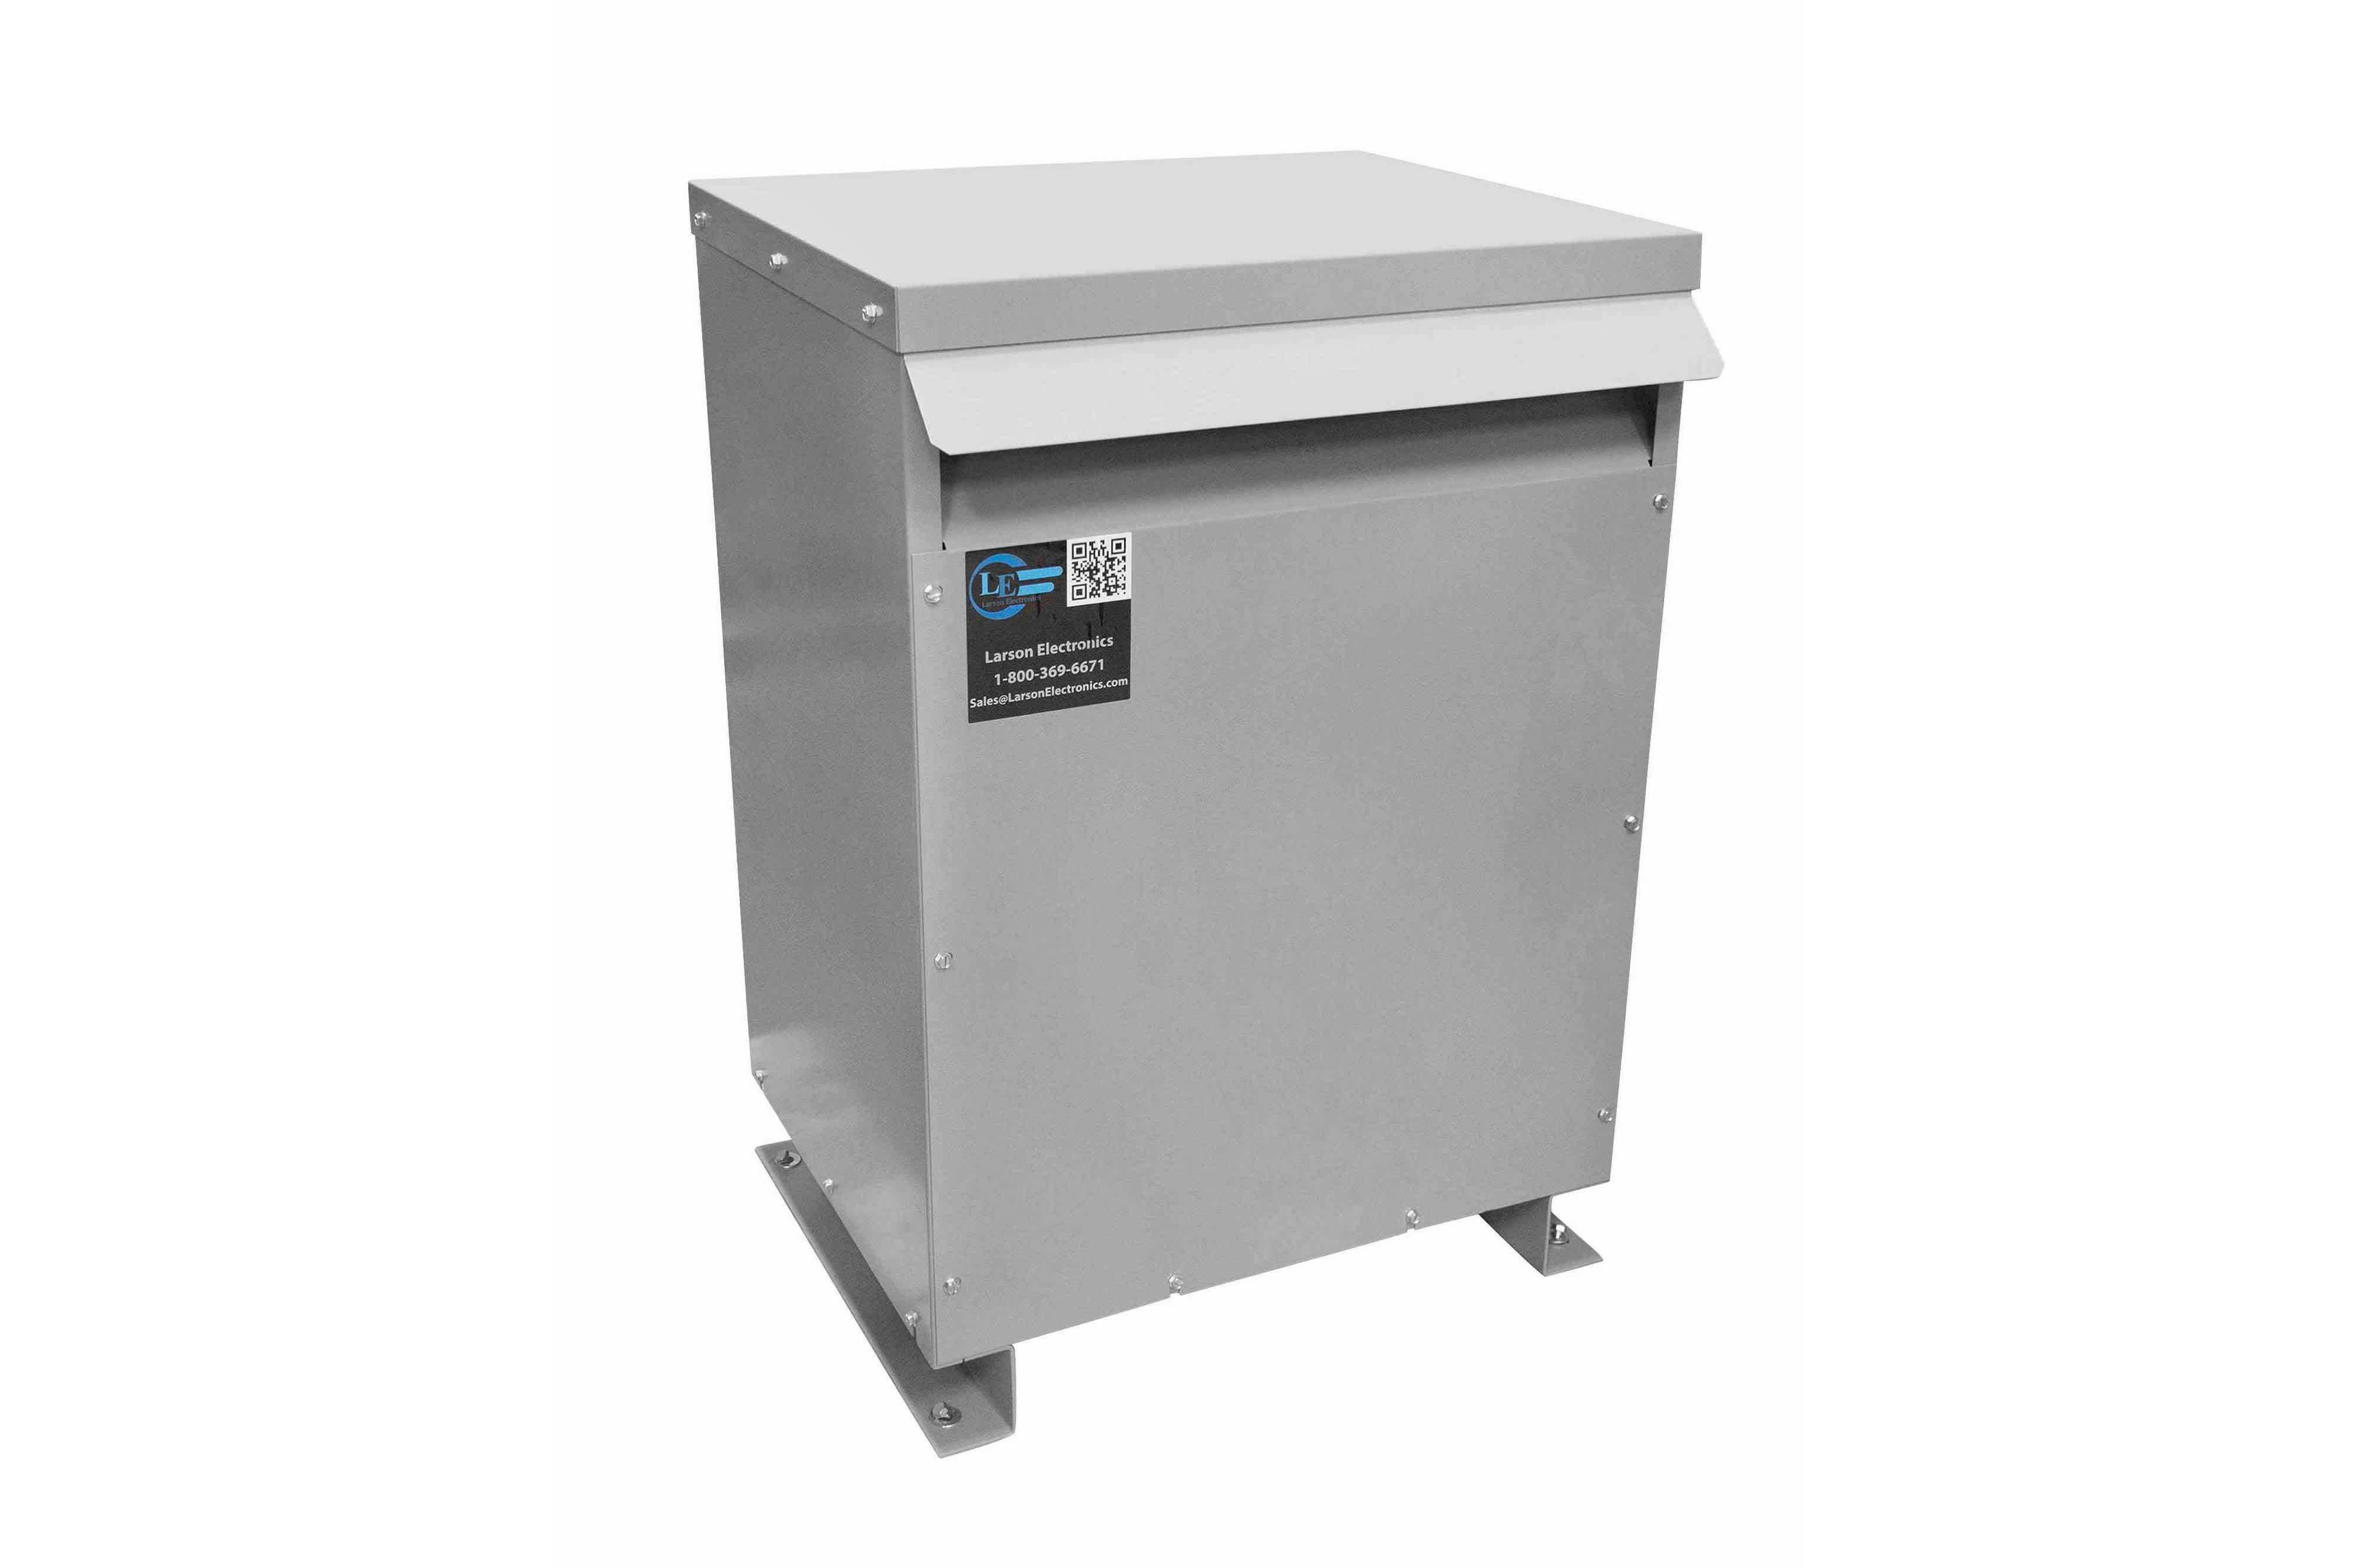 1000 kVA 3PH Isolation Transformer, 380V Delta Primary, 208V Delta Secondary, N3R, Ventilated, 60 Hz